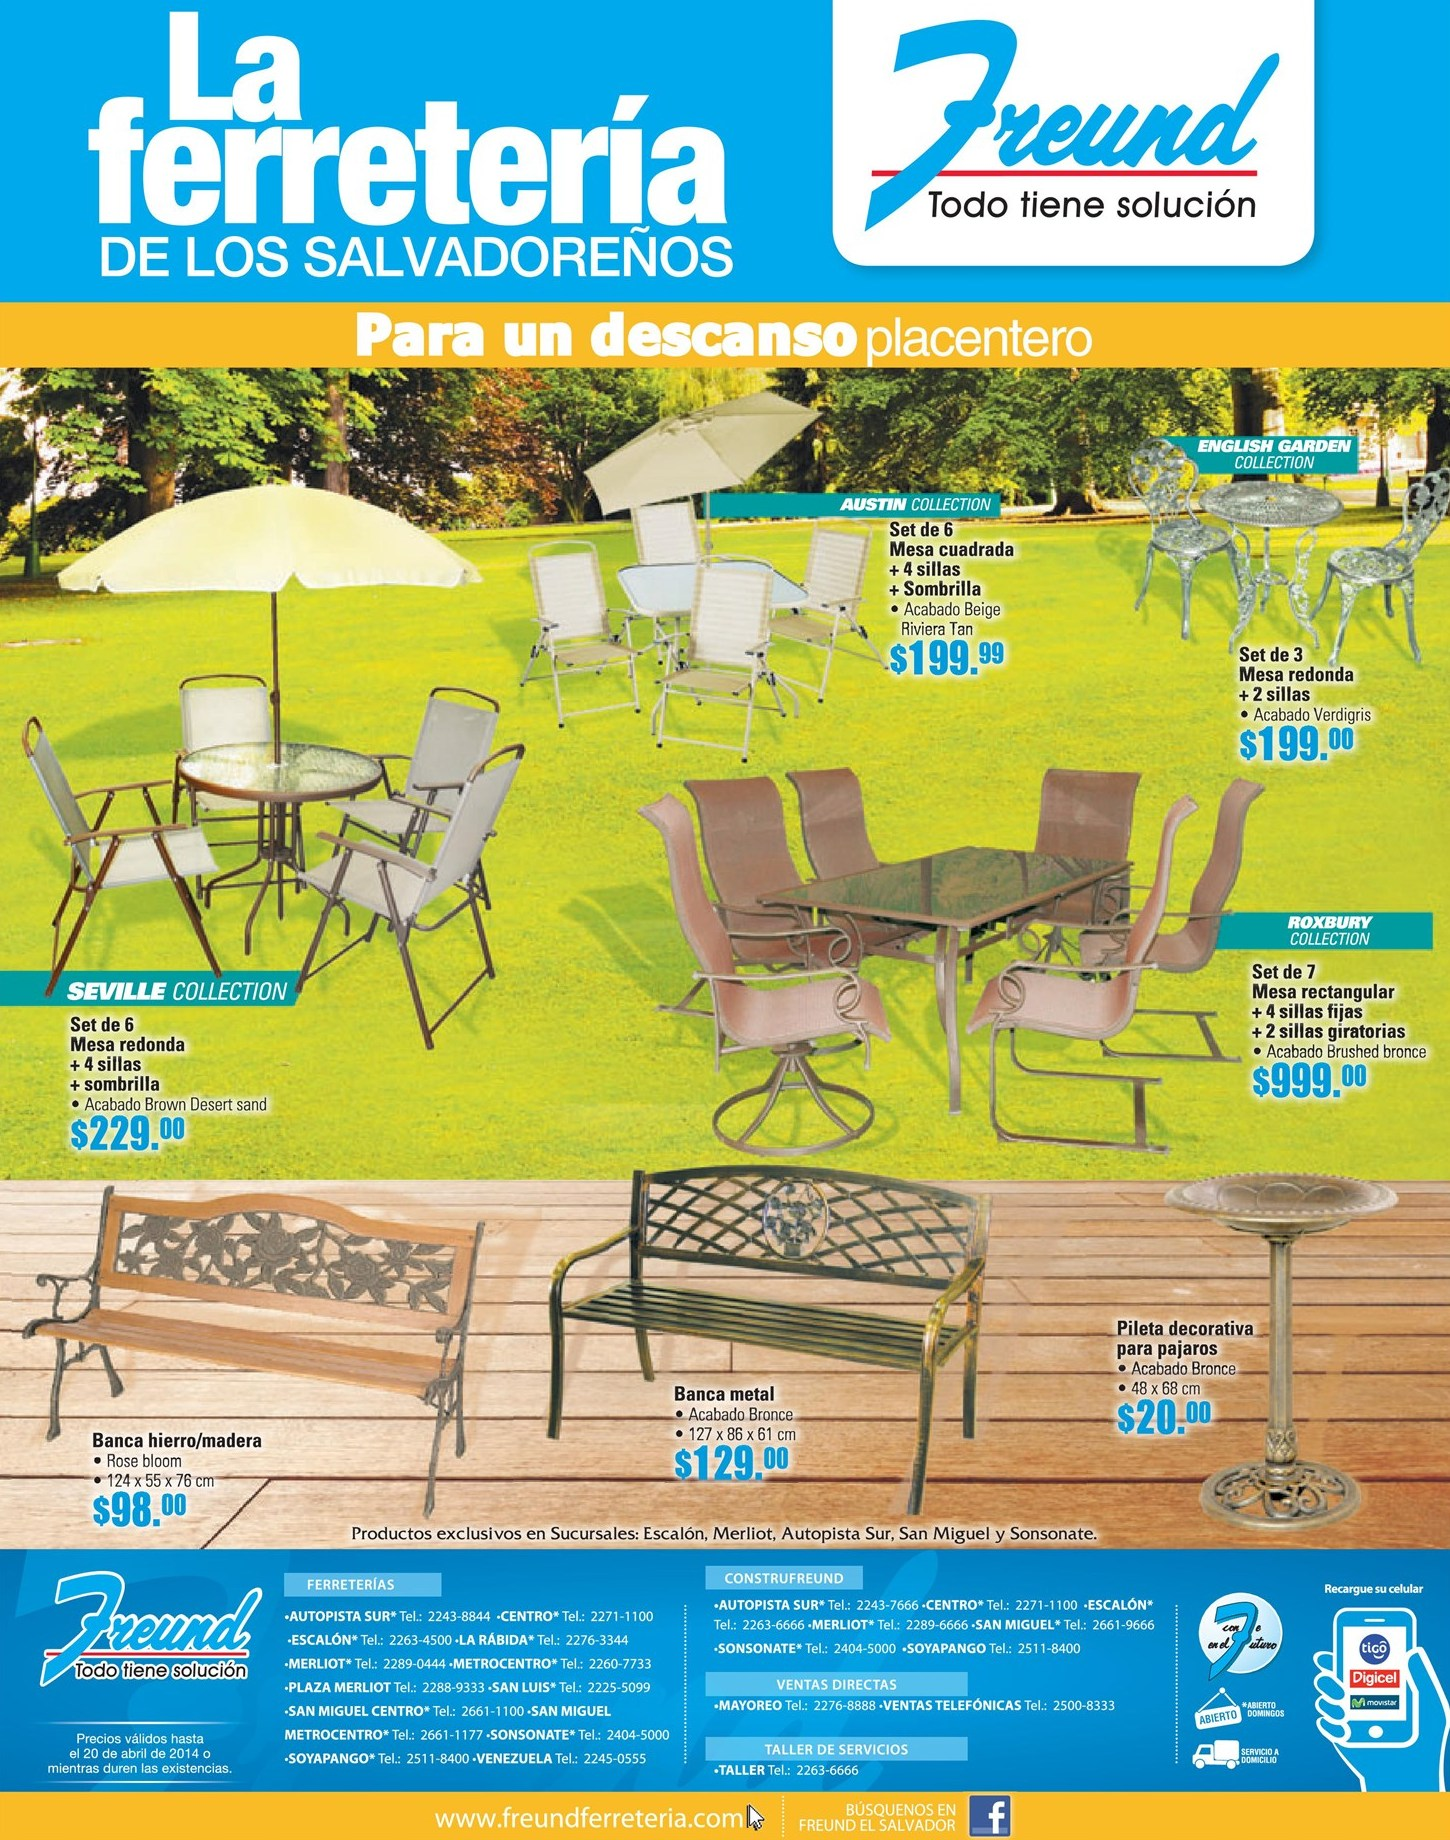 Muebles para jardin y terraza 14abr14 ofertas ahora for Ofertas en muebles de terraza y jardin